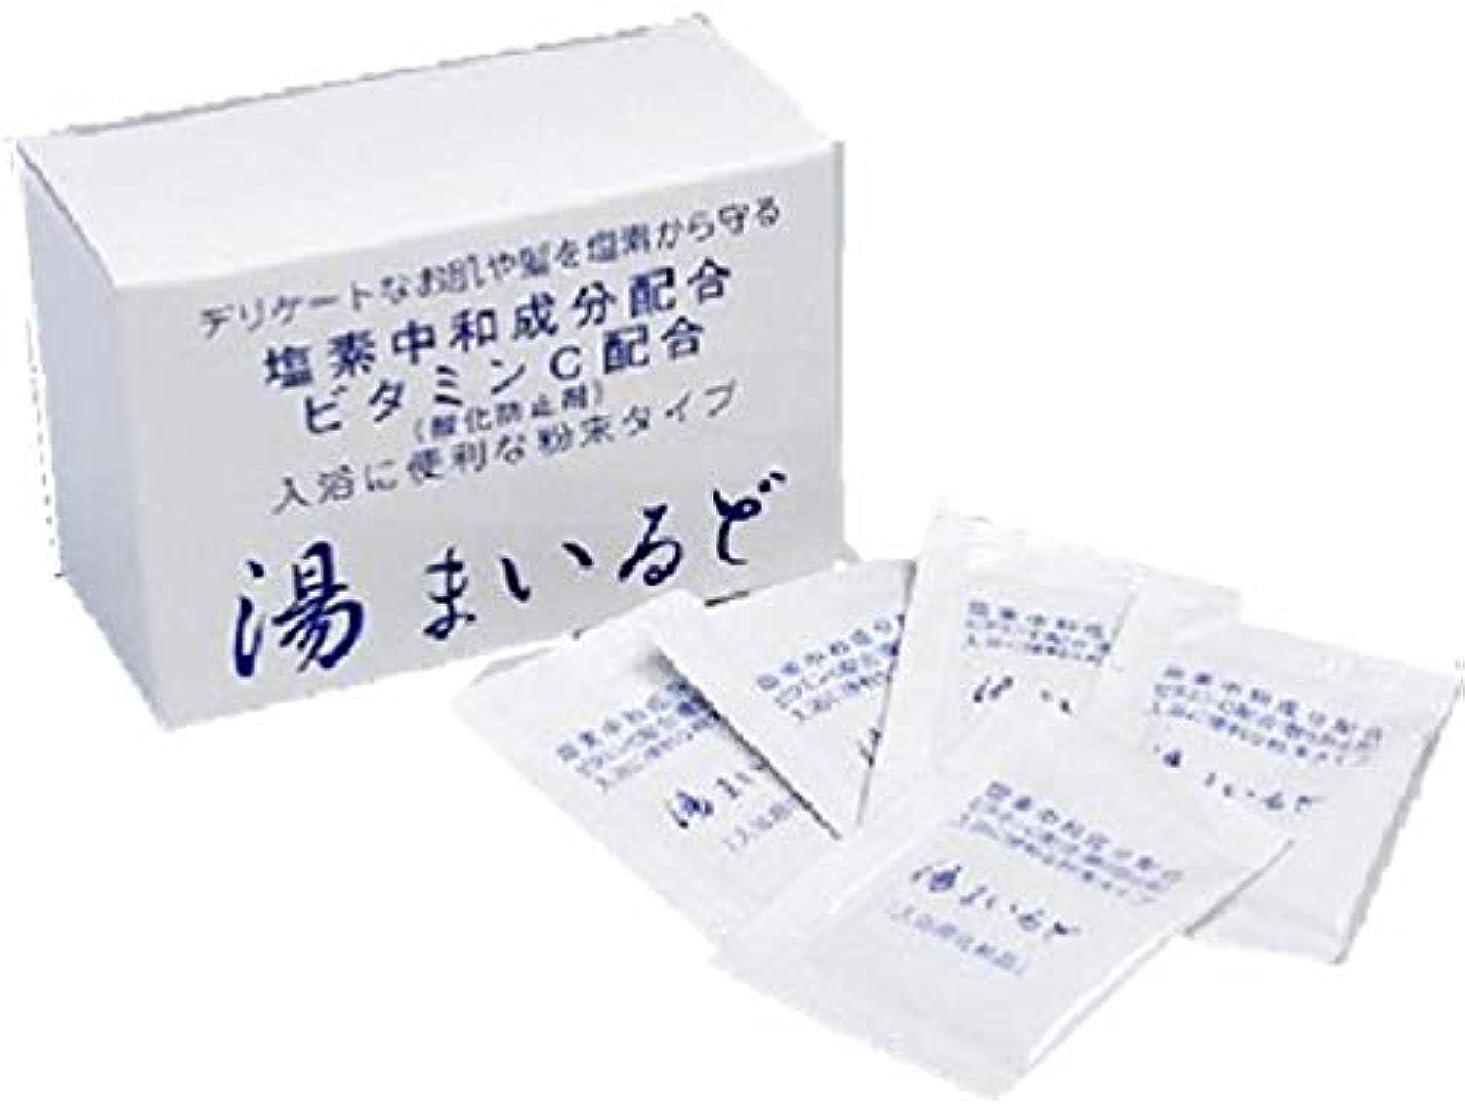 ブロック採用シャイお徳用「湯まいるど6箱セット」